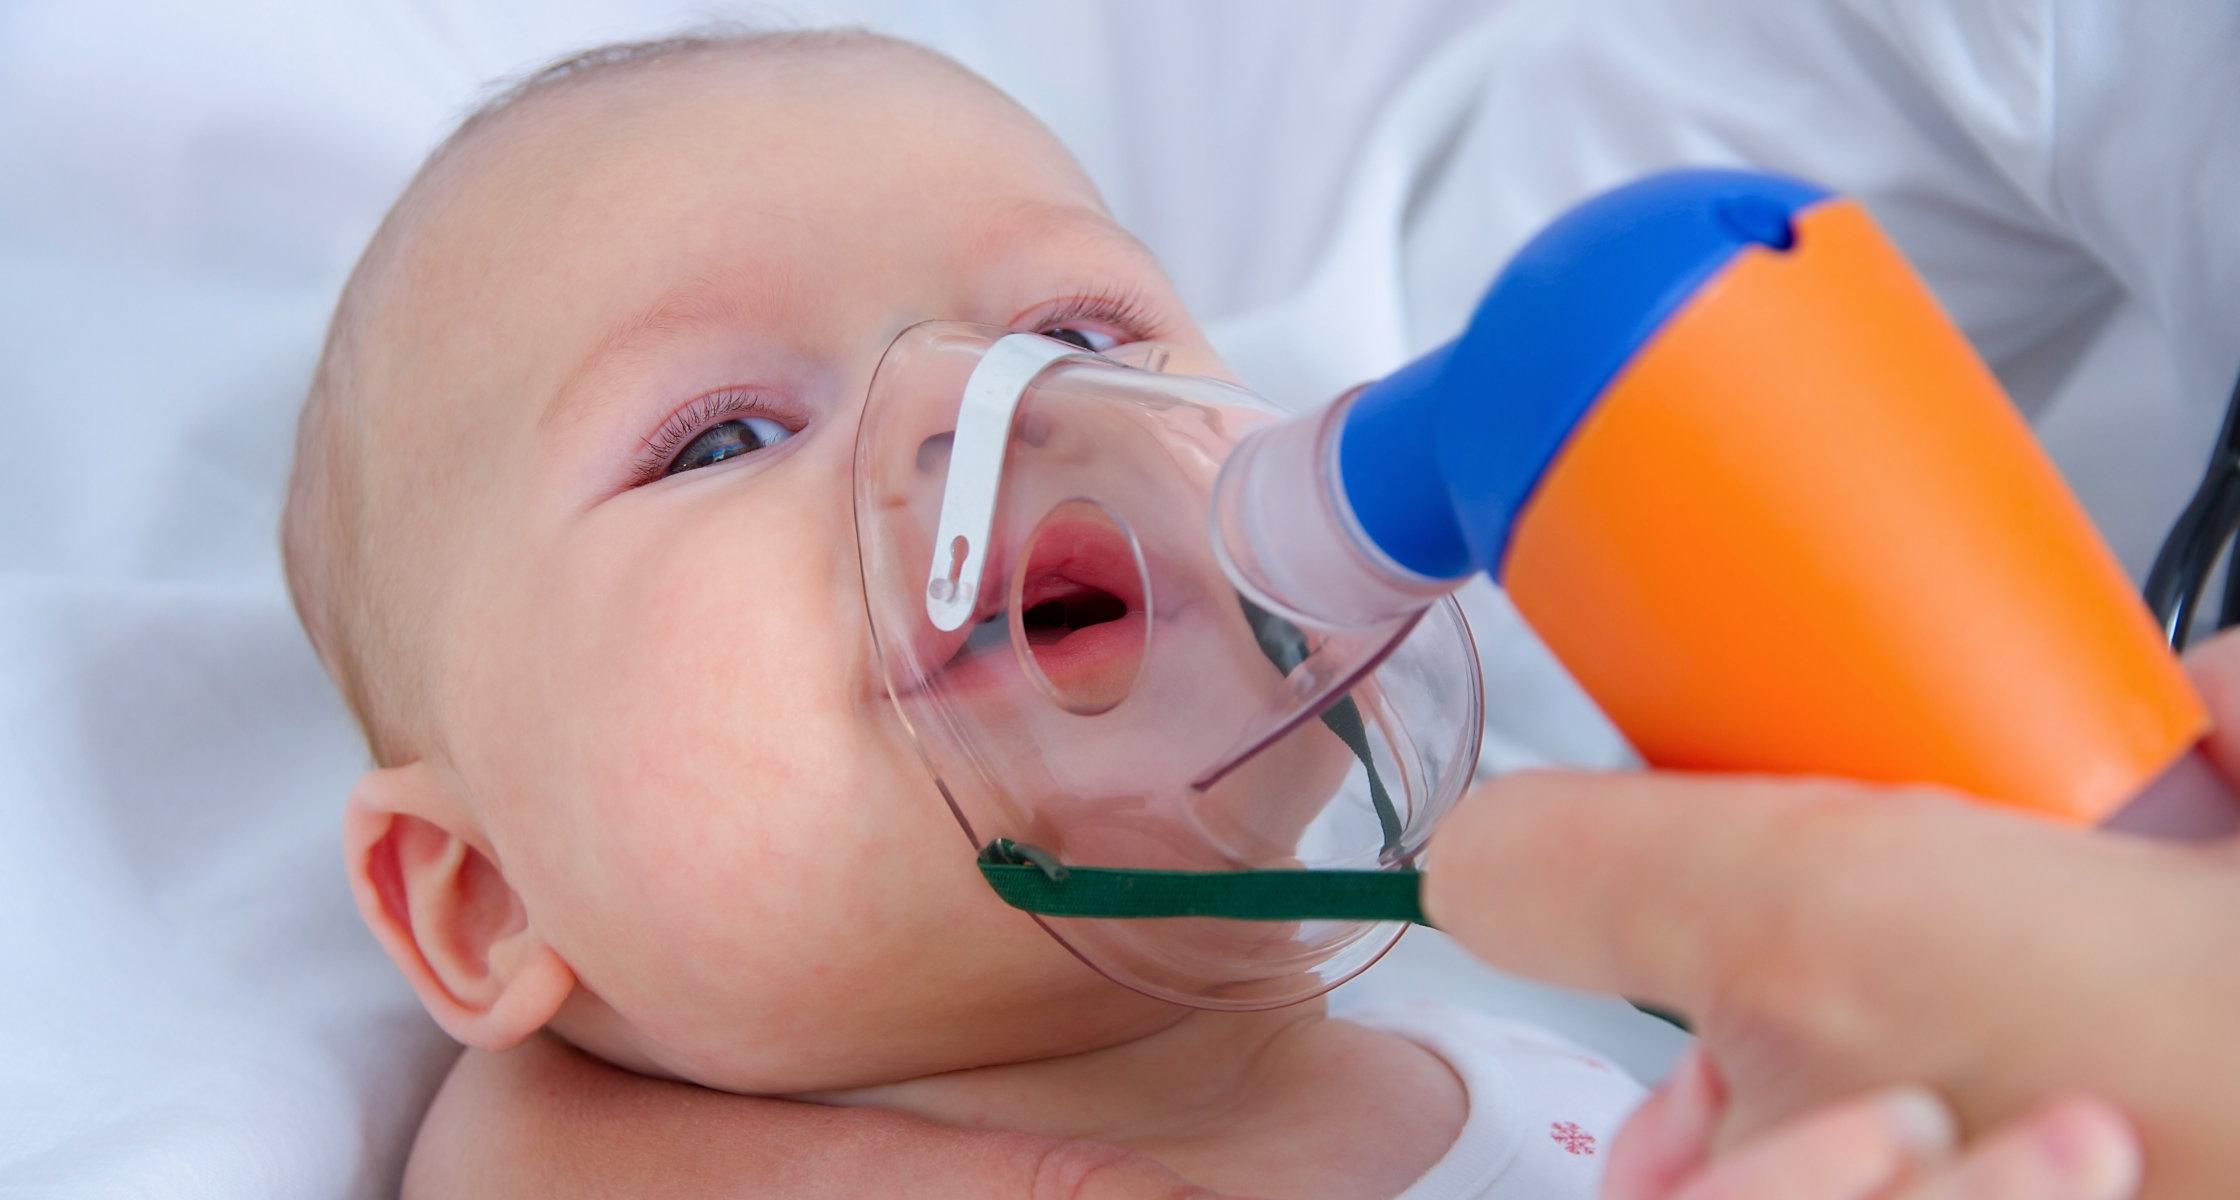 Ваш ребенок попал в больницу: о чем спрашивать врача